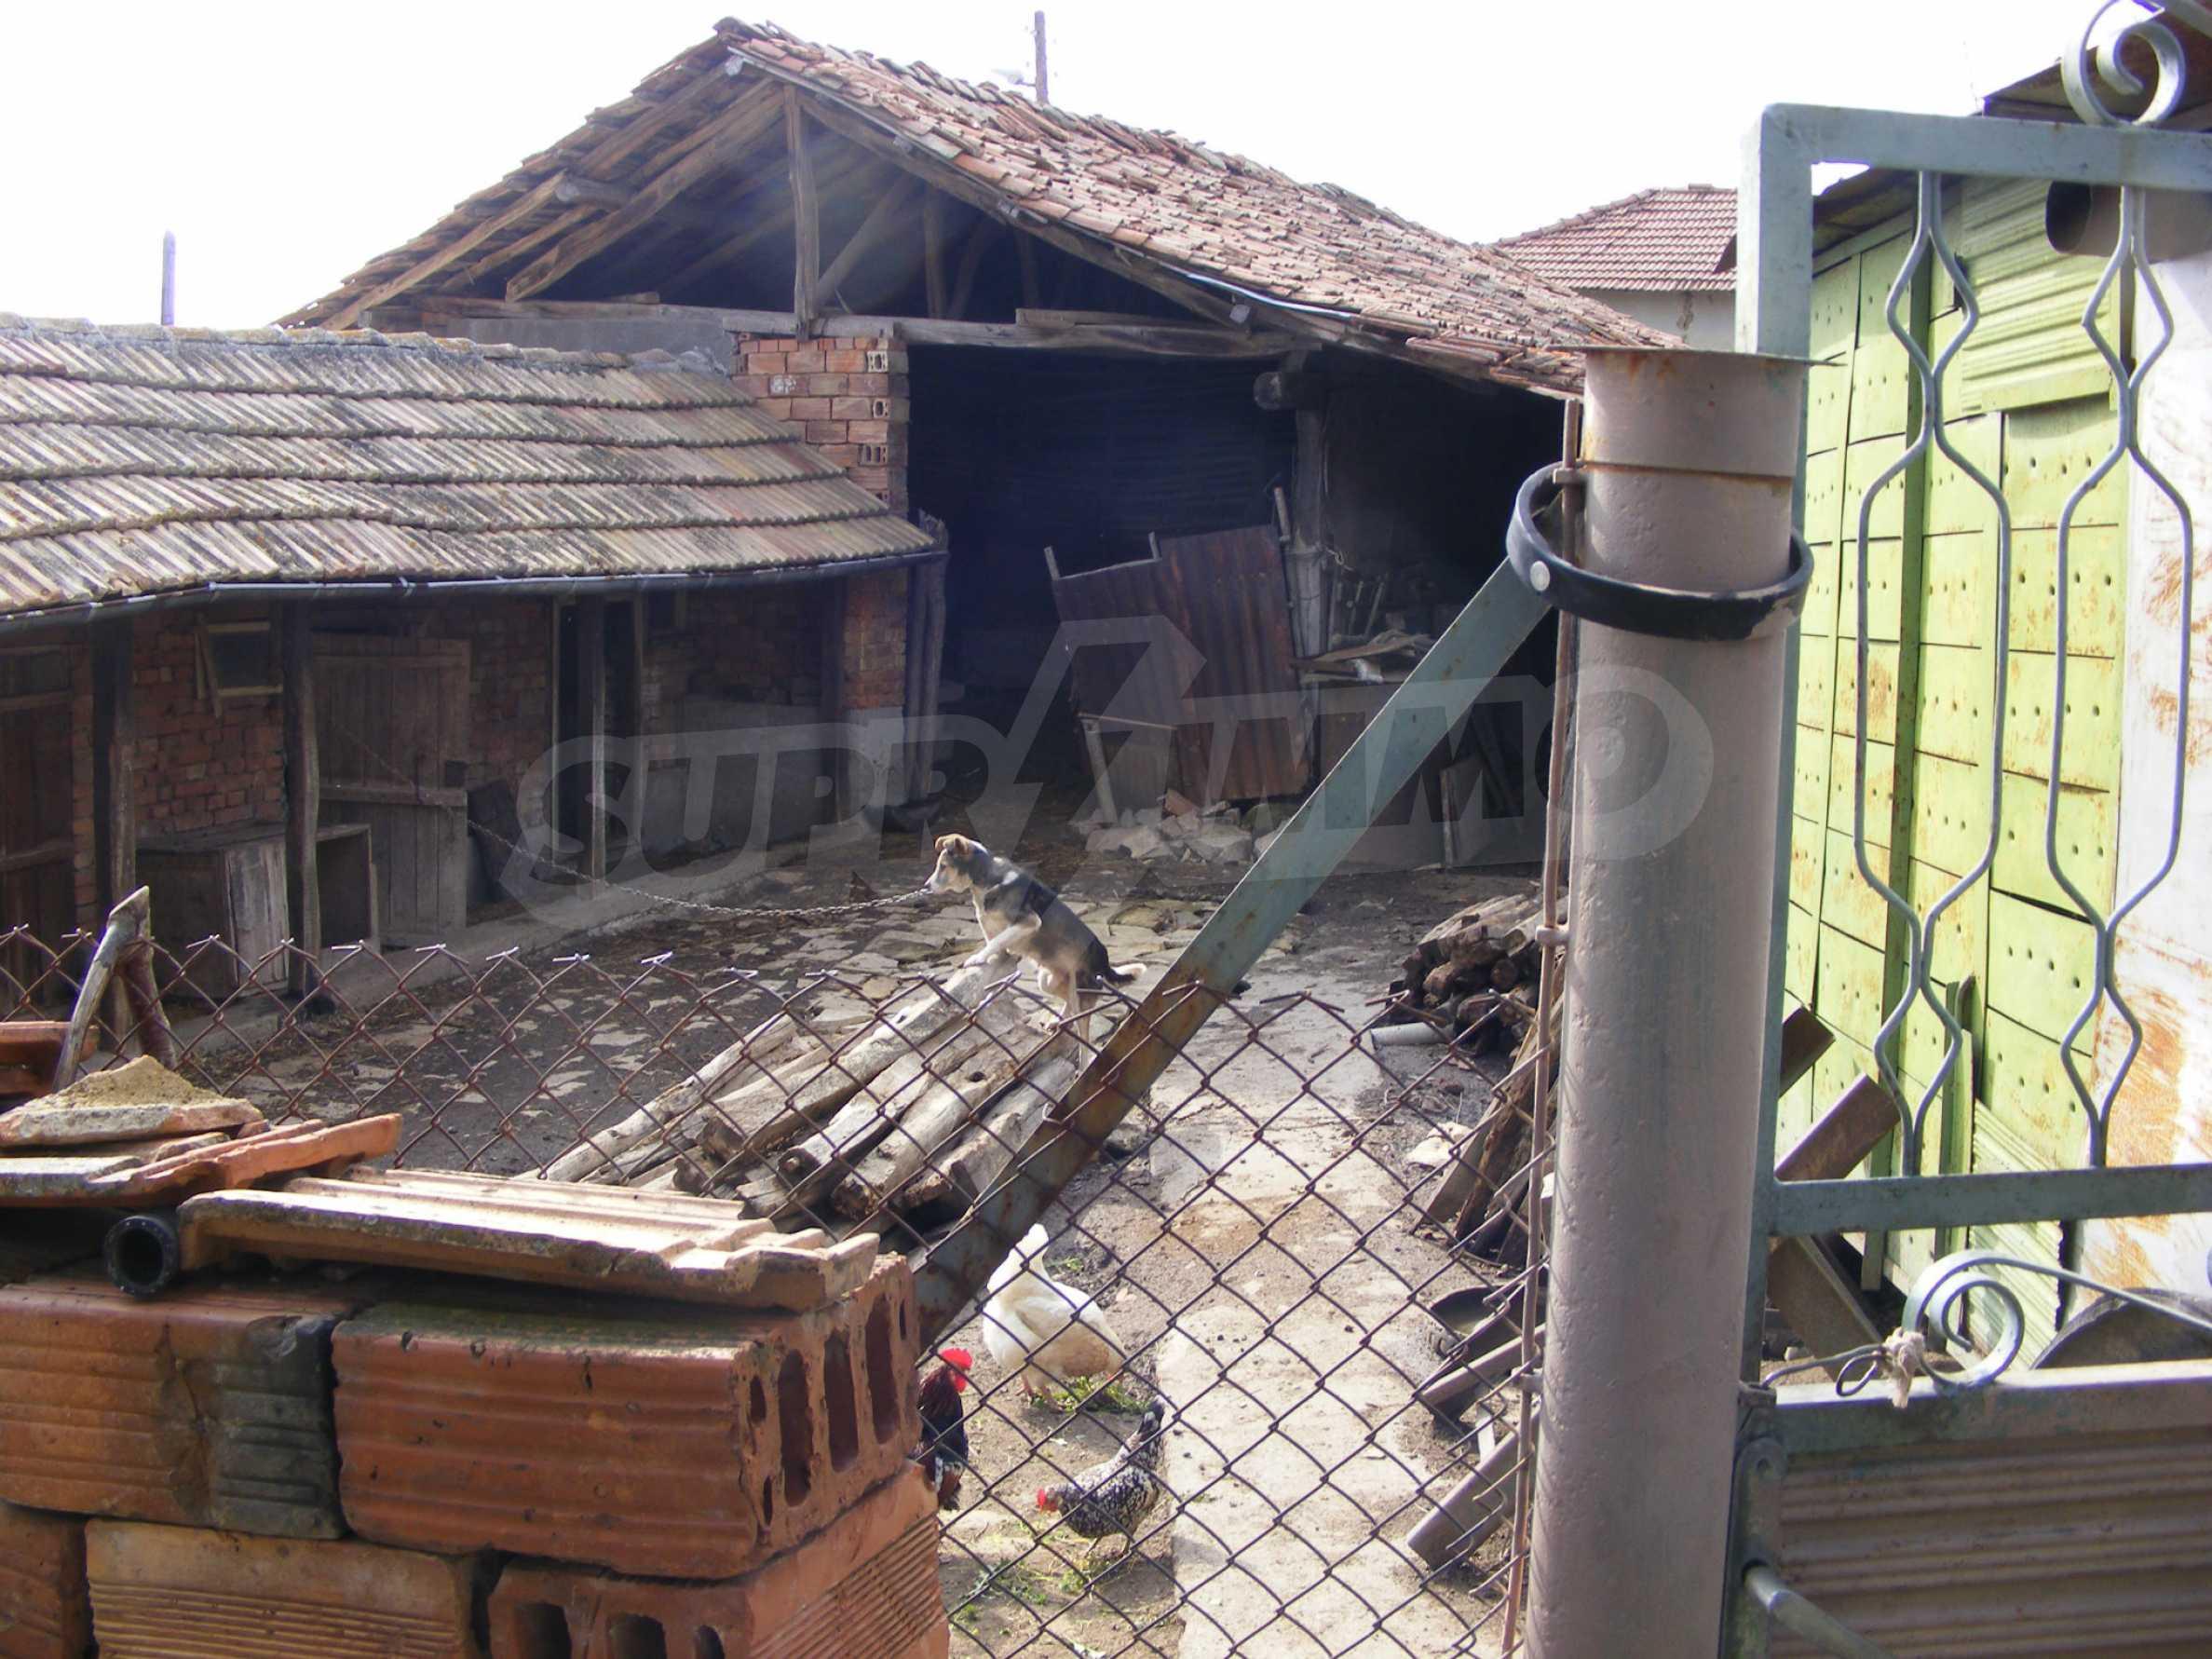 Großes zweistöckiges Backsteinhaus in einem Dorf 40 km von Veliko Tarnovo entfernt 21